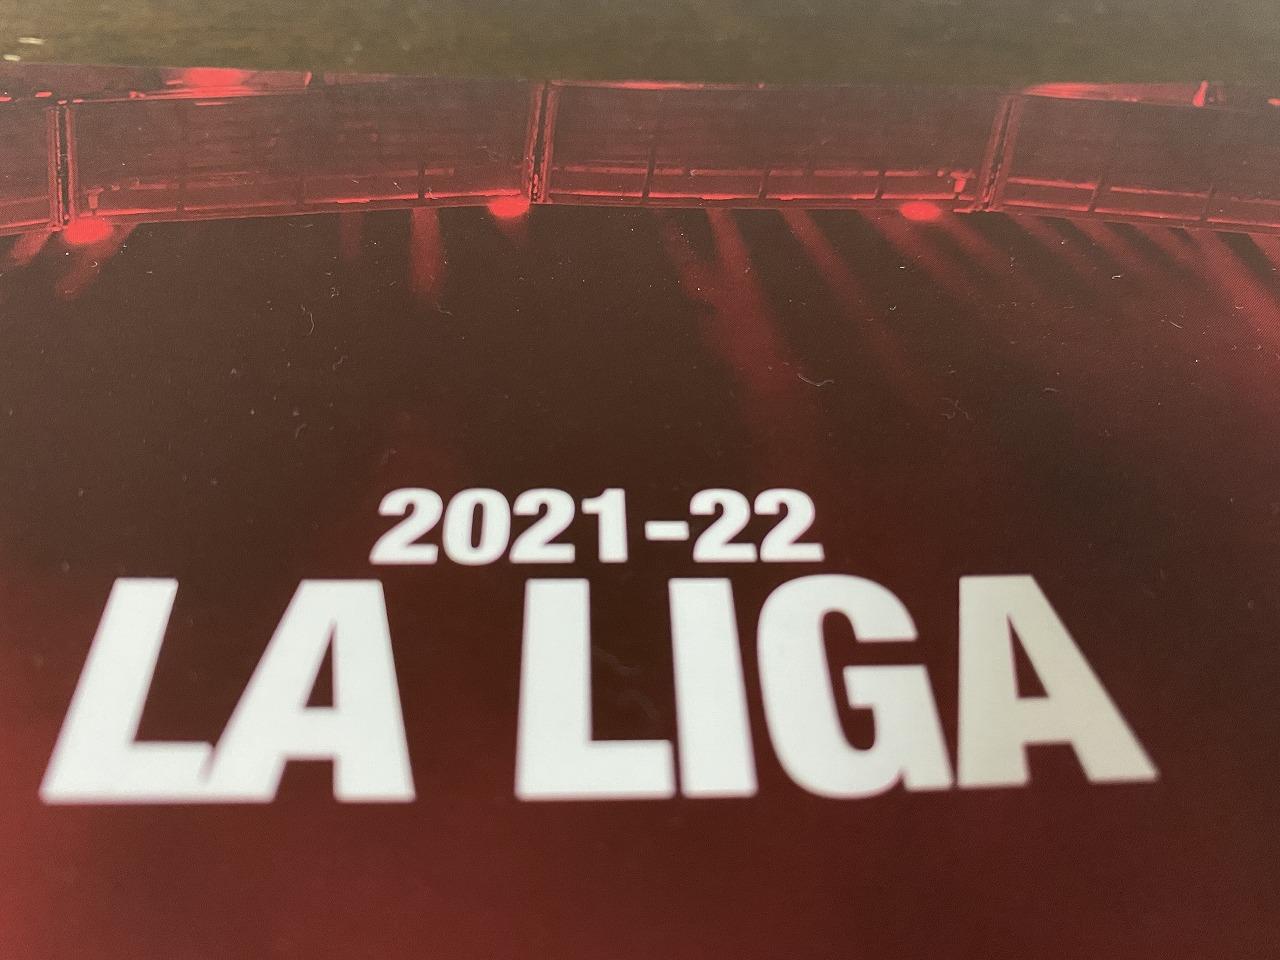 La Liga 2021-22